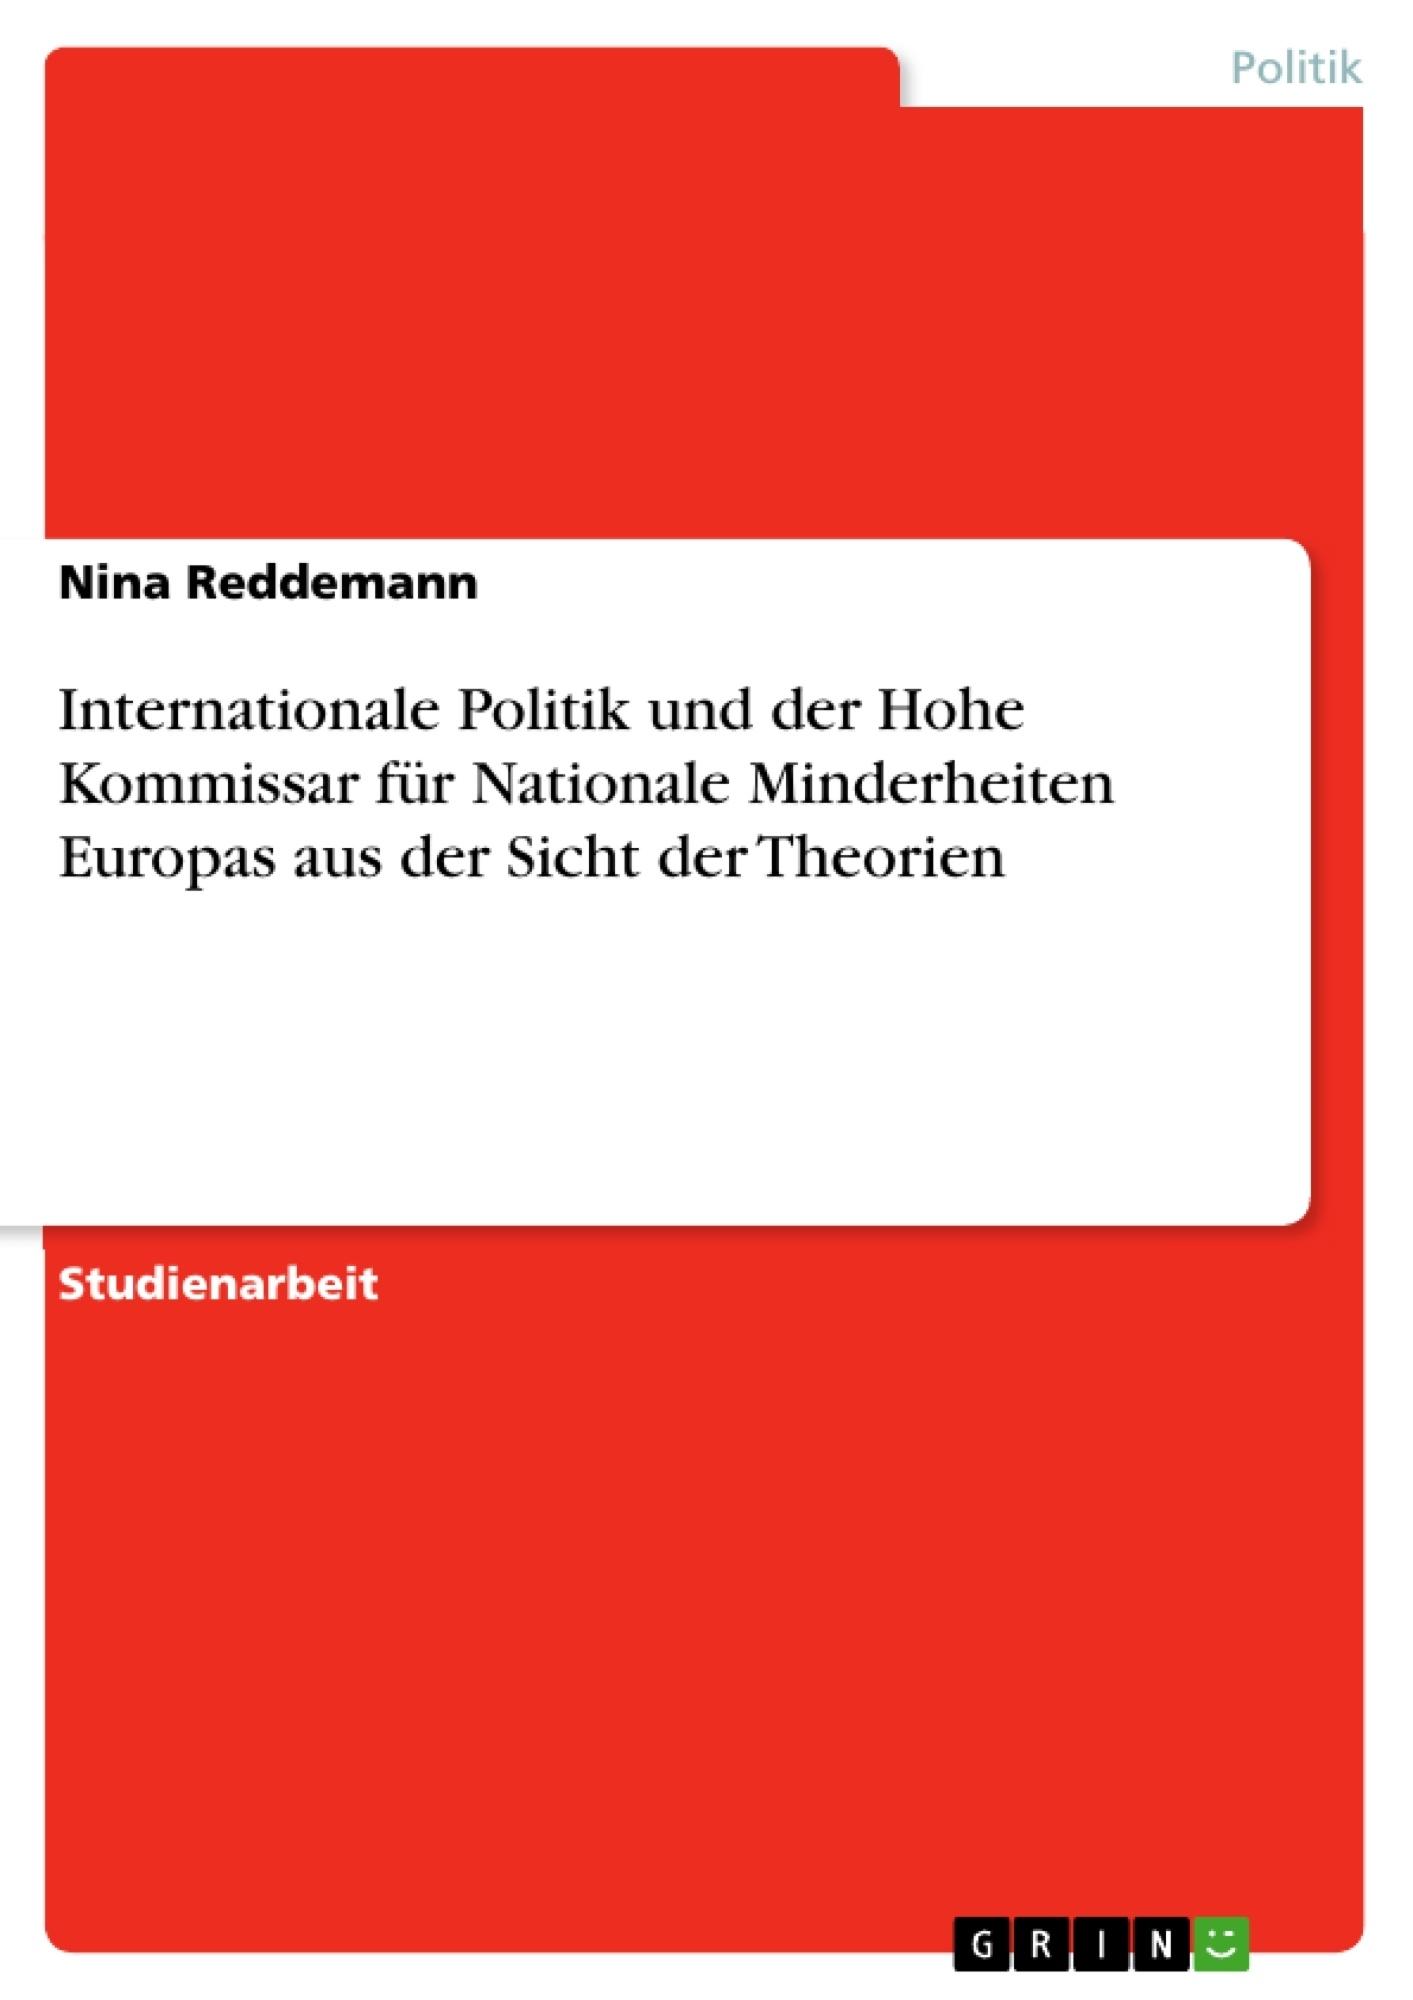 Titel: Internationale Politik und der Hohe Kommissar für Nationale Minderheiten Europas aus der Sicht der Theorien